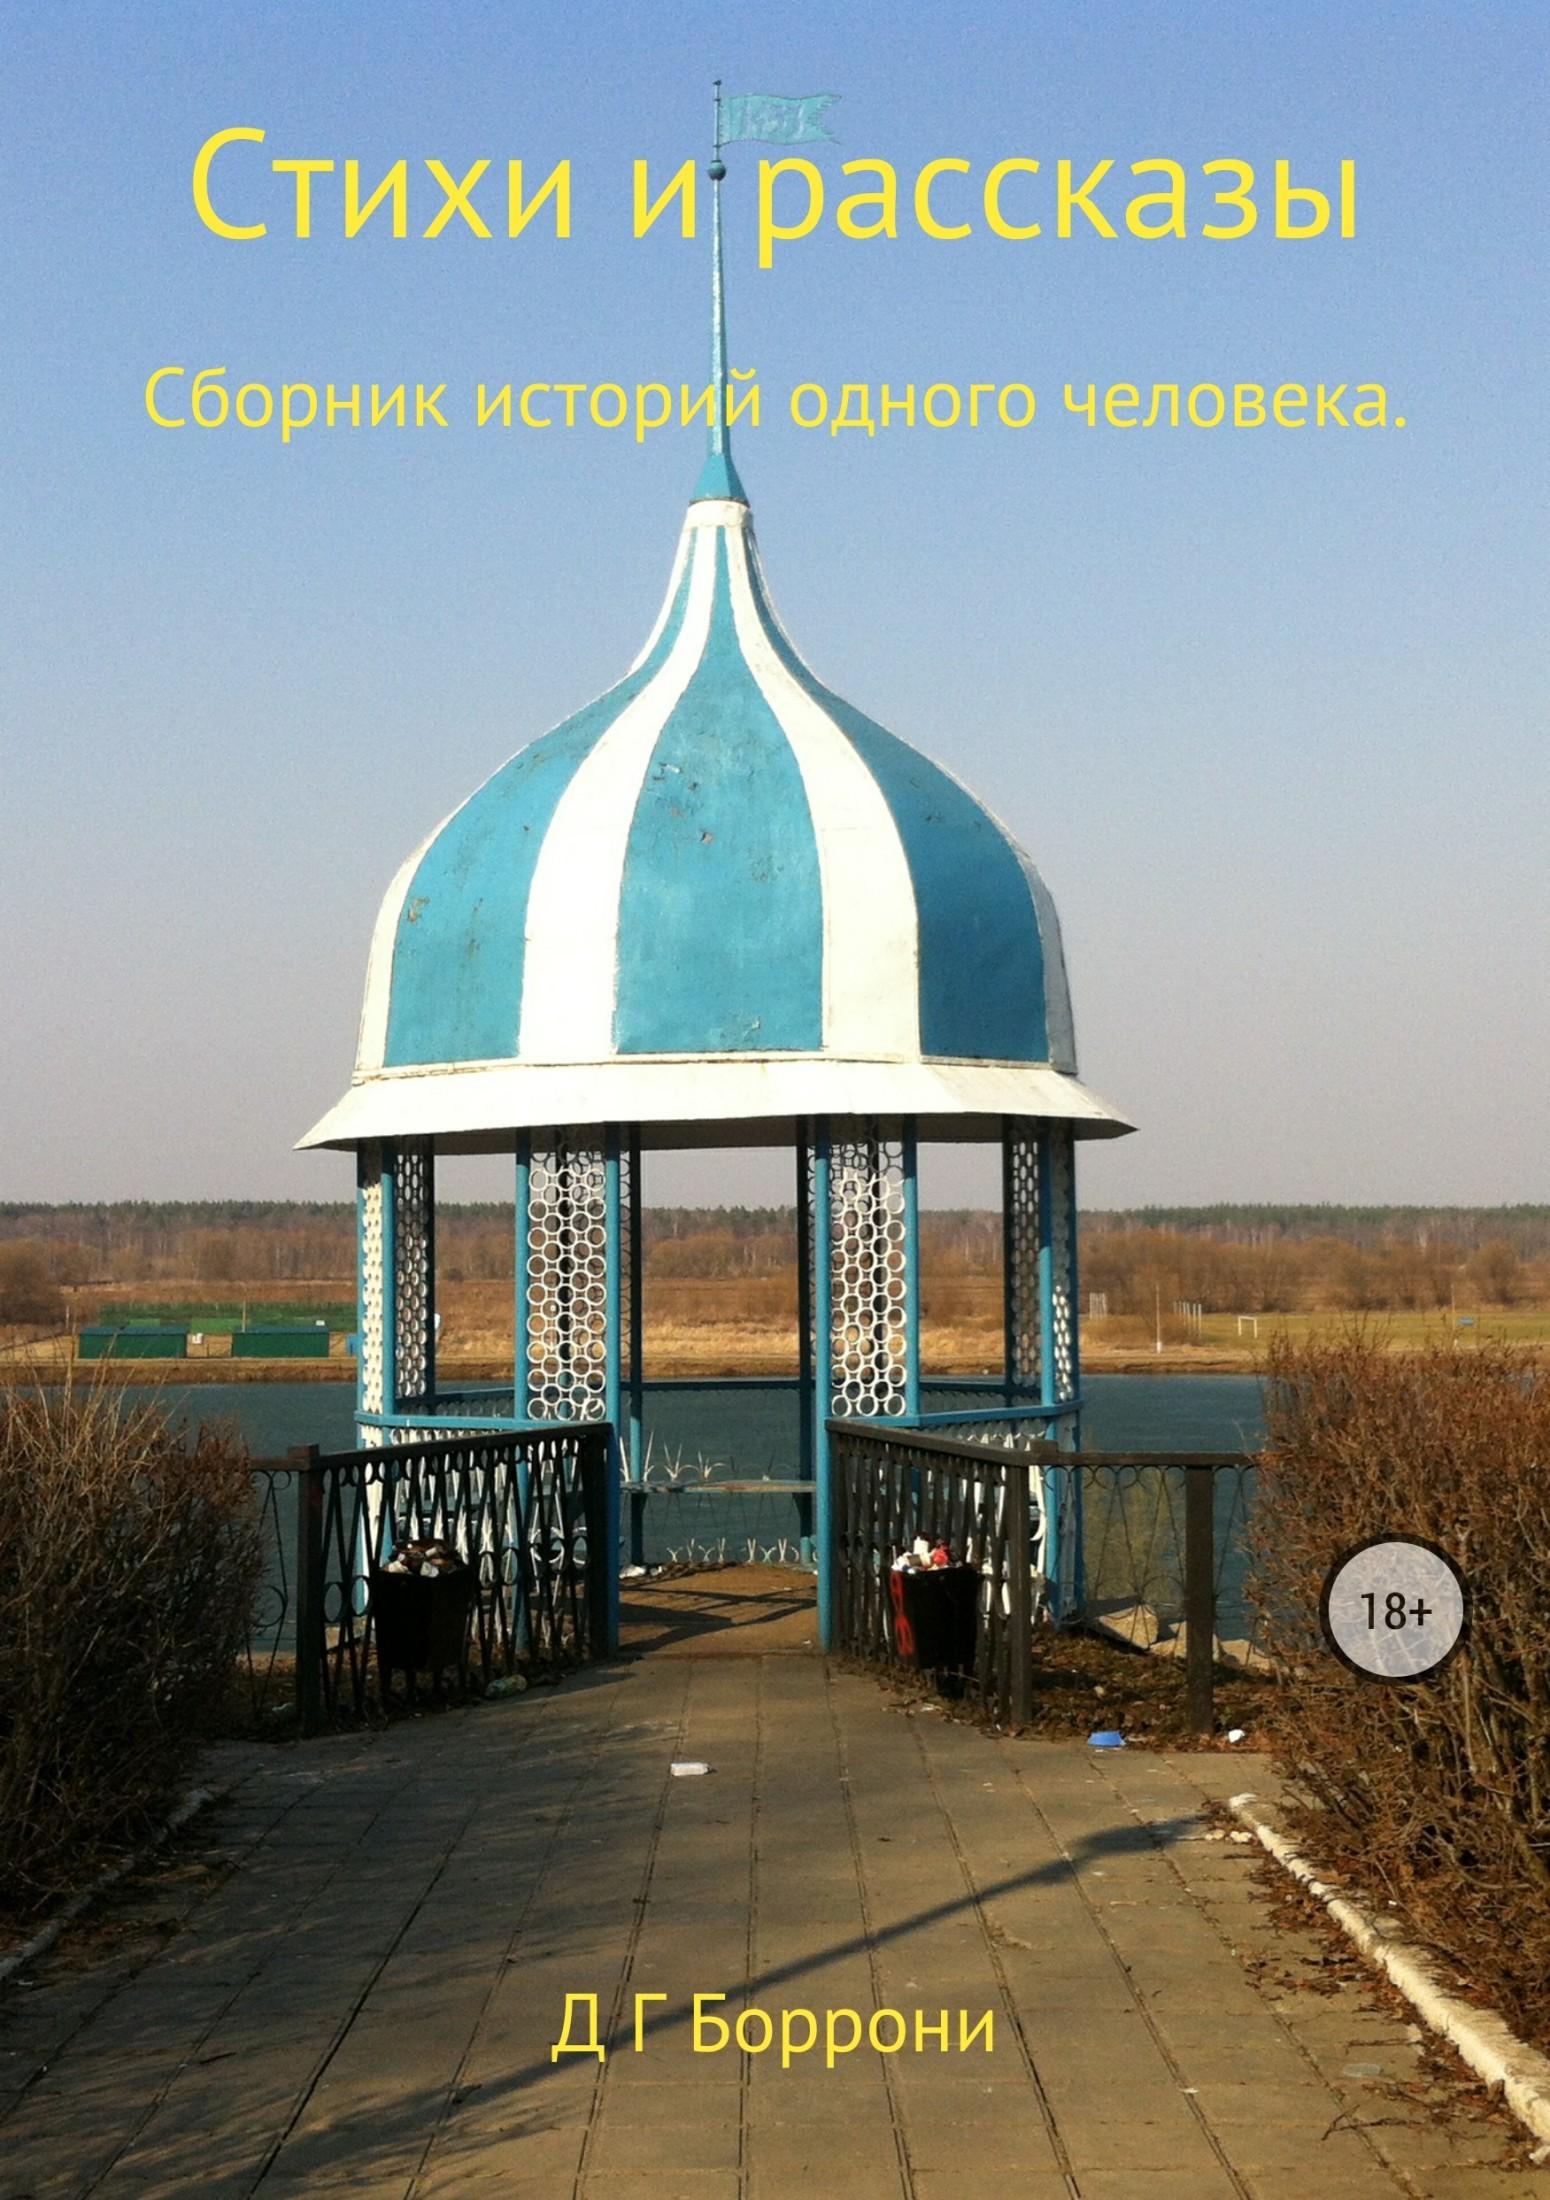 Дмитрий Георгиевич Боррони Стихи и рассказы: Сборник историй одного человека